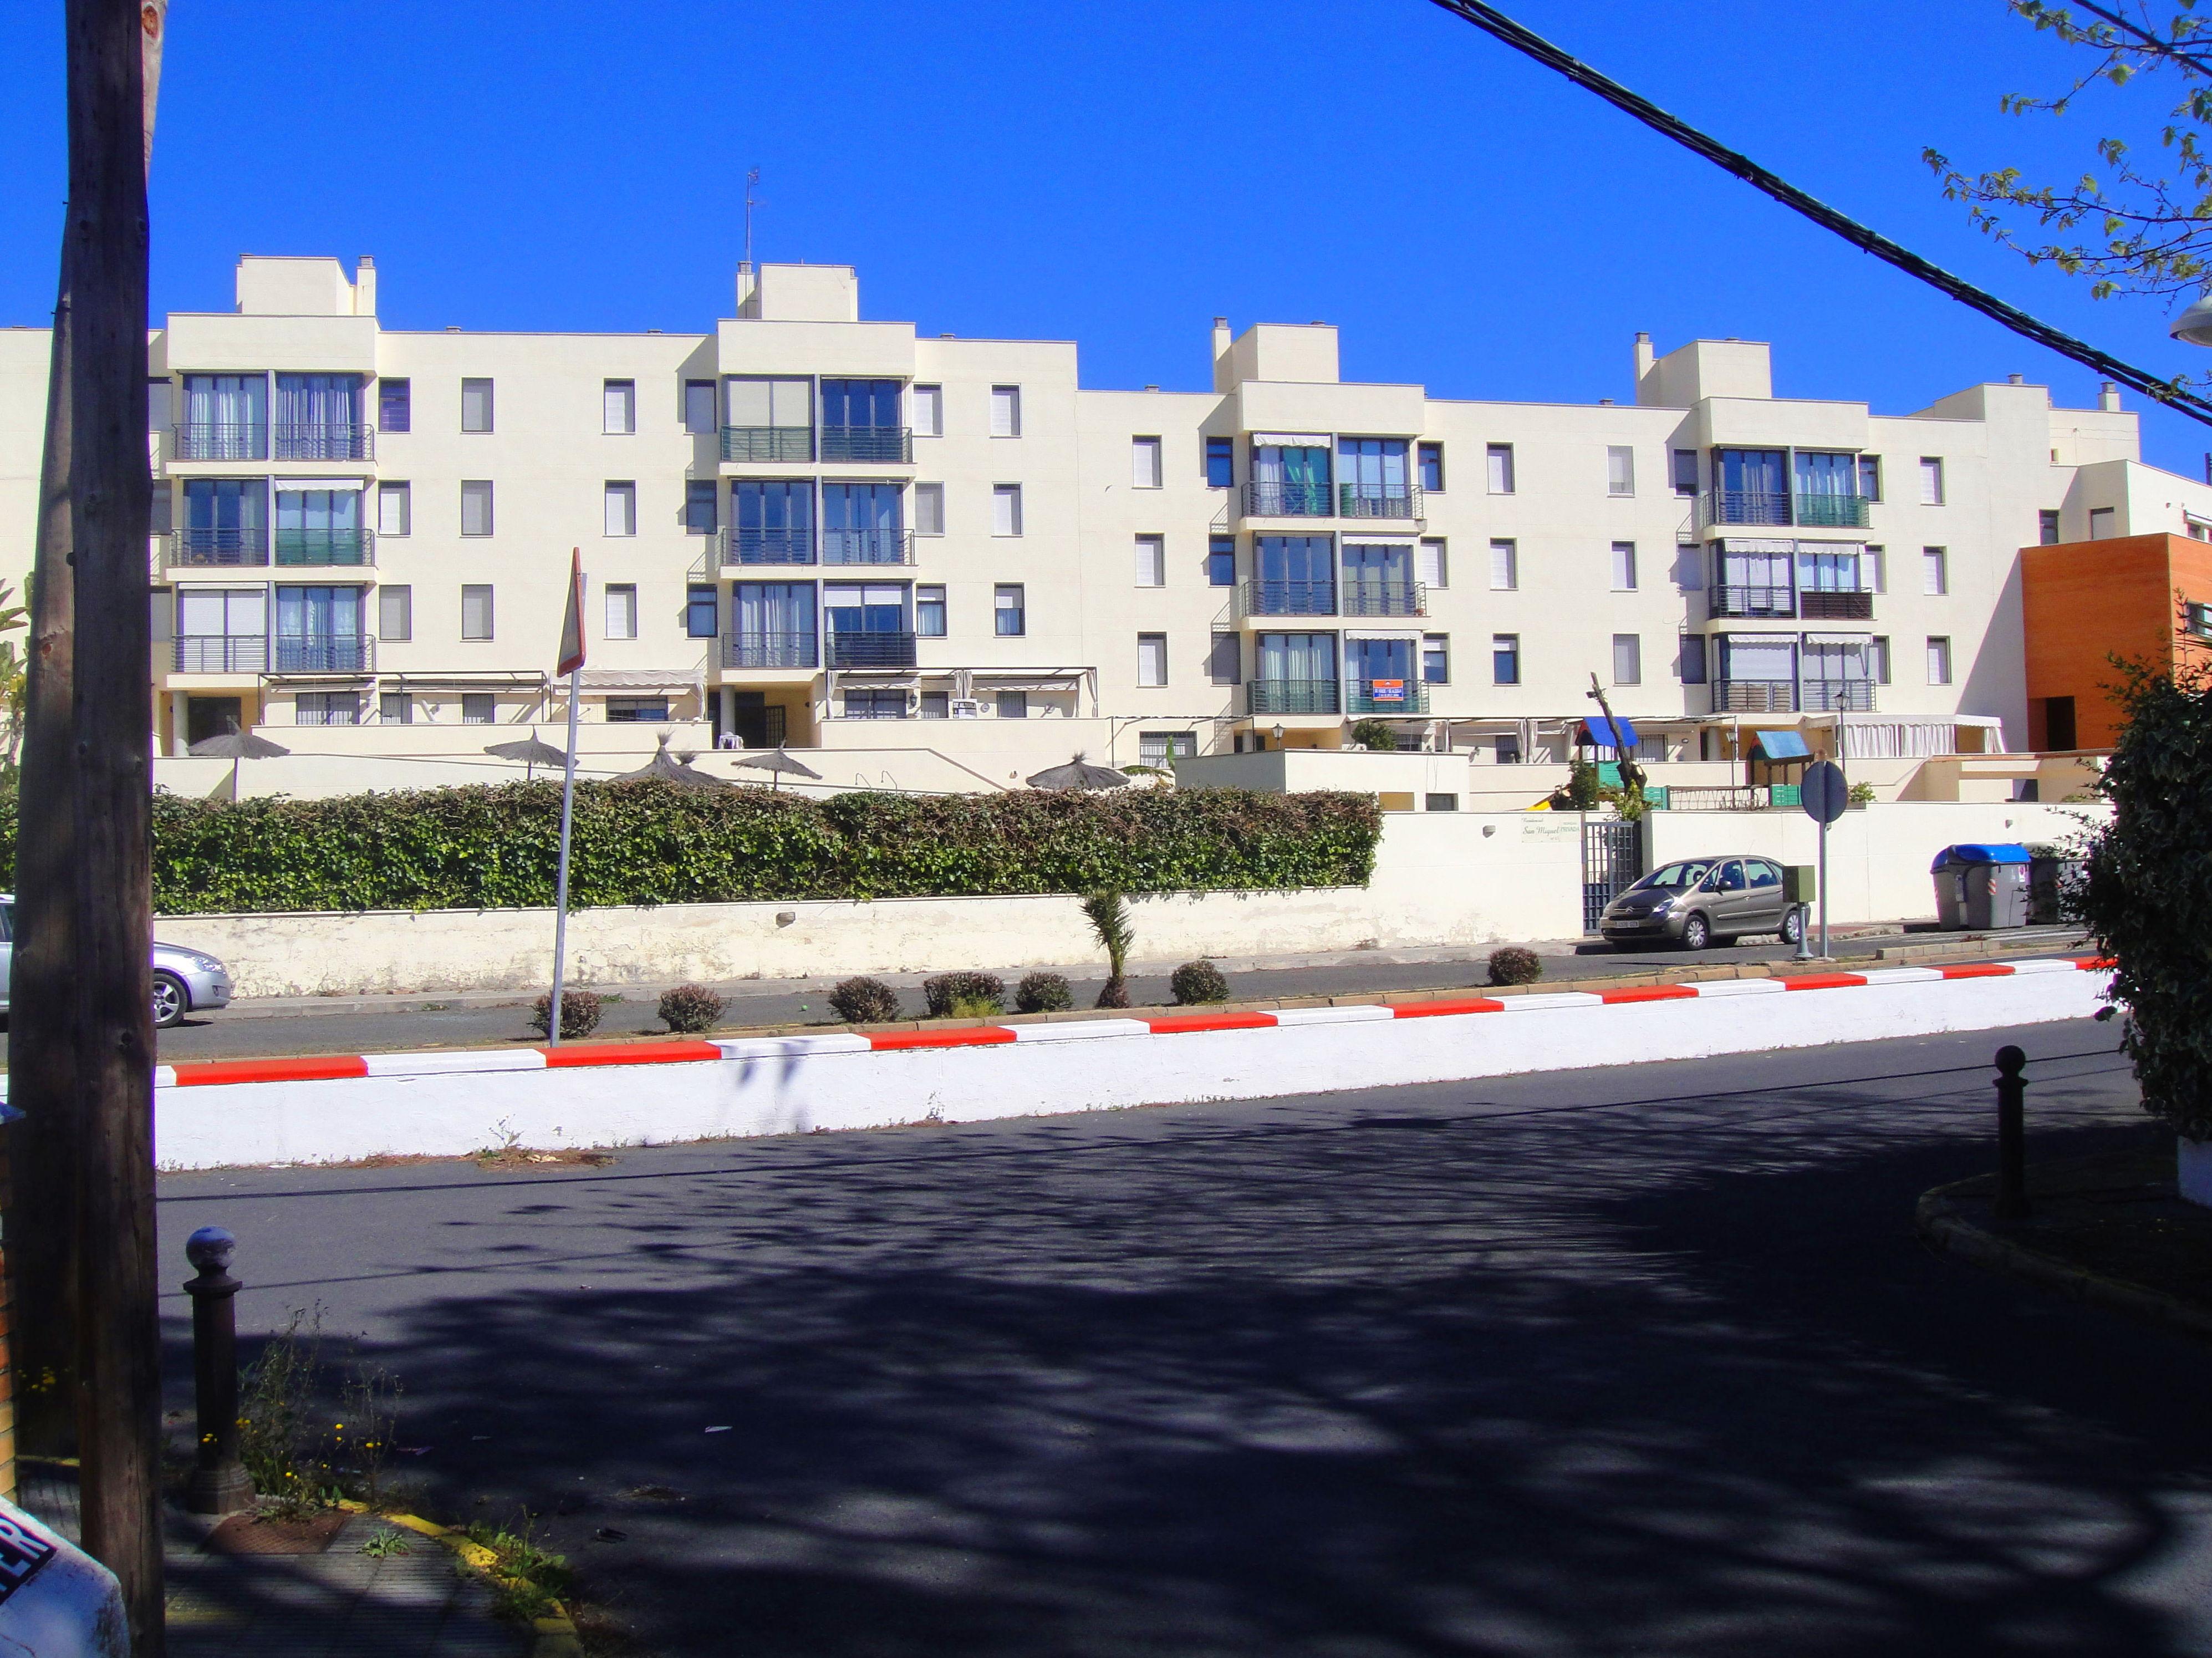 Residencial San Miguel - El Rompido - Cartaya - Huelva